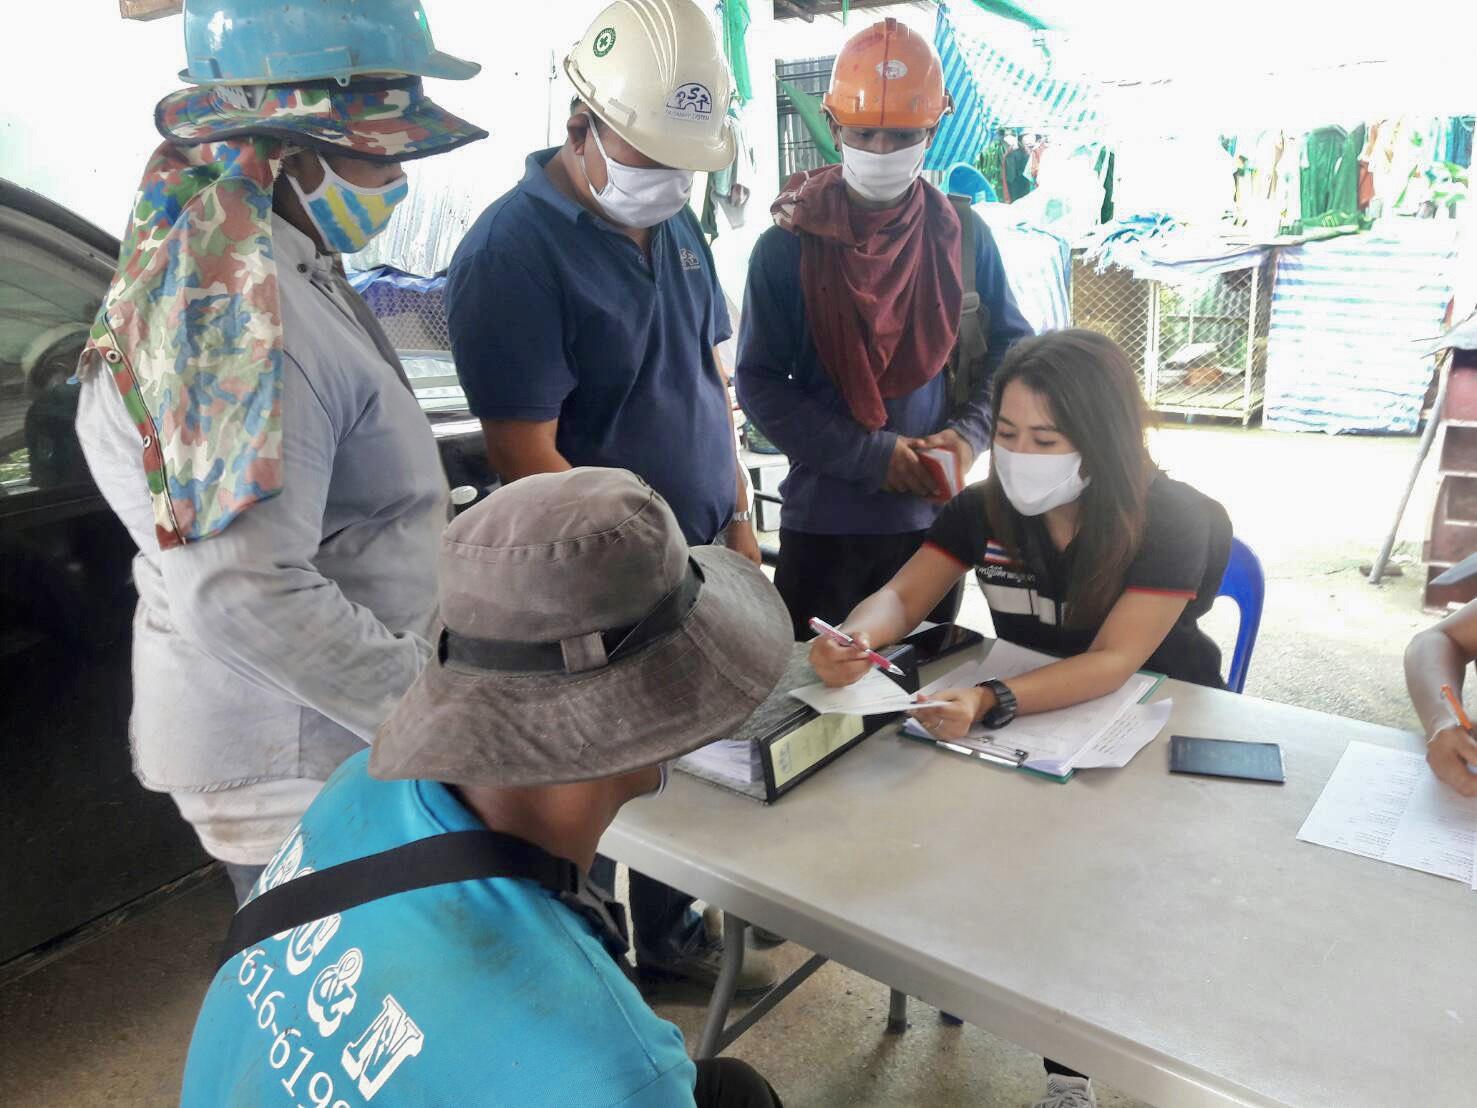 ตรวจเยี่ยมนายจ้าง/สถานประกอบการและแรงงานต่างด้าว ในเขตพื้นที่อำเภอนครไทย จังหวัดพิษณุโลก